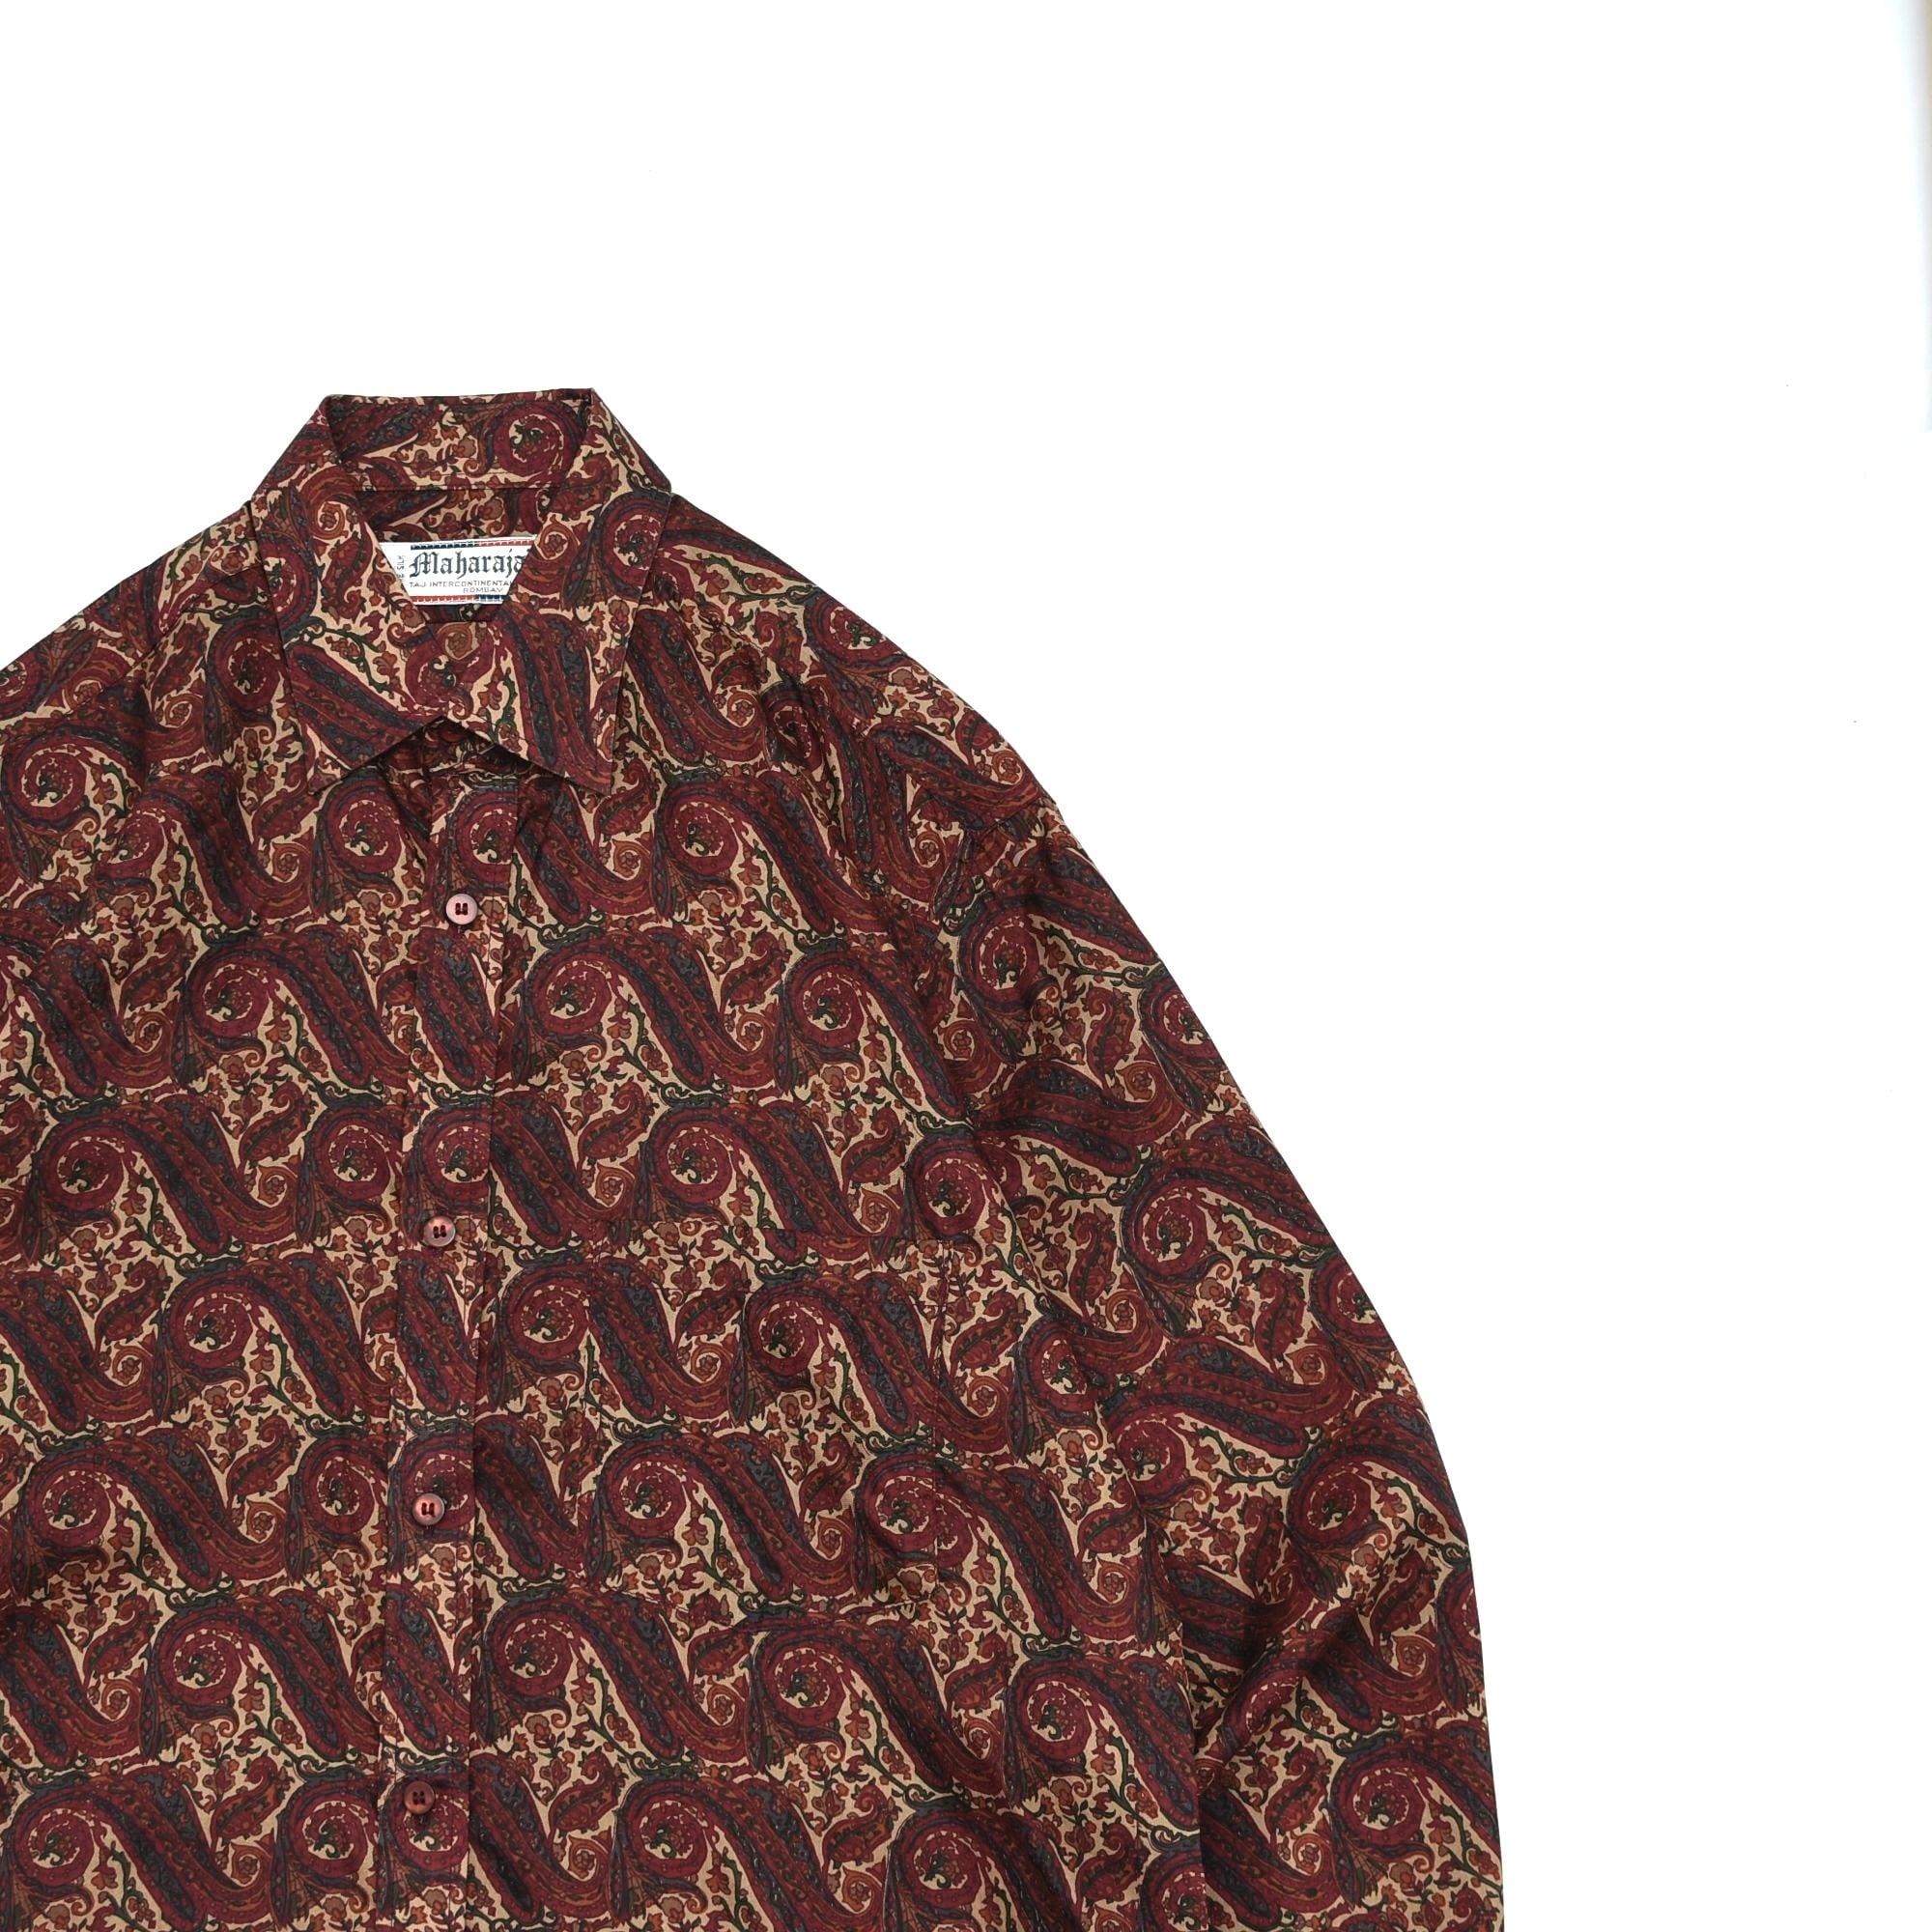 Mysterious paisley pattern silk shirt